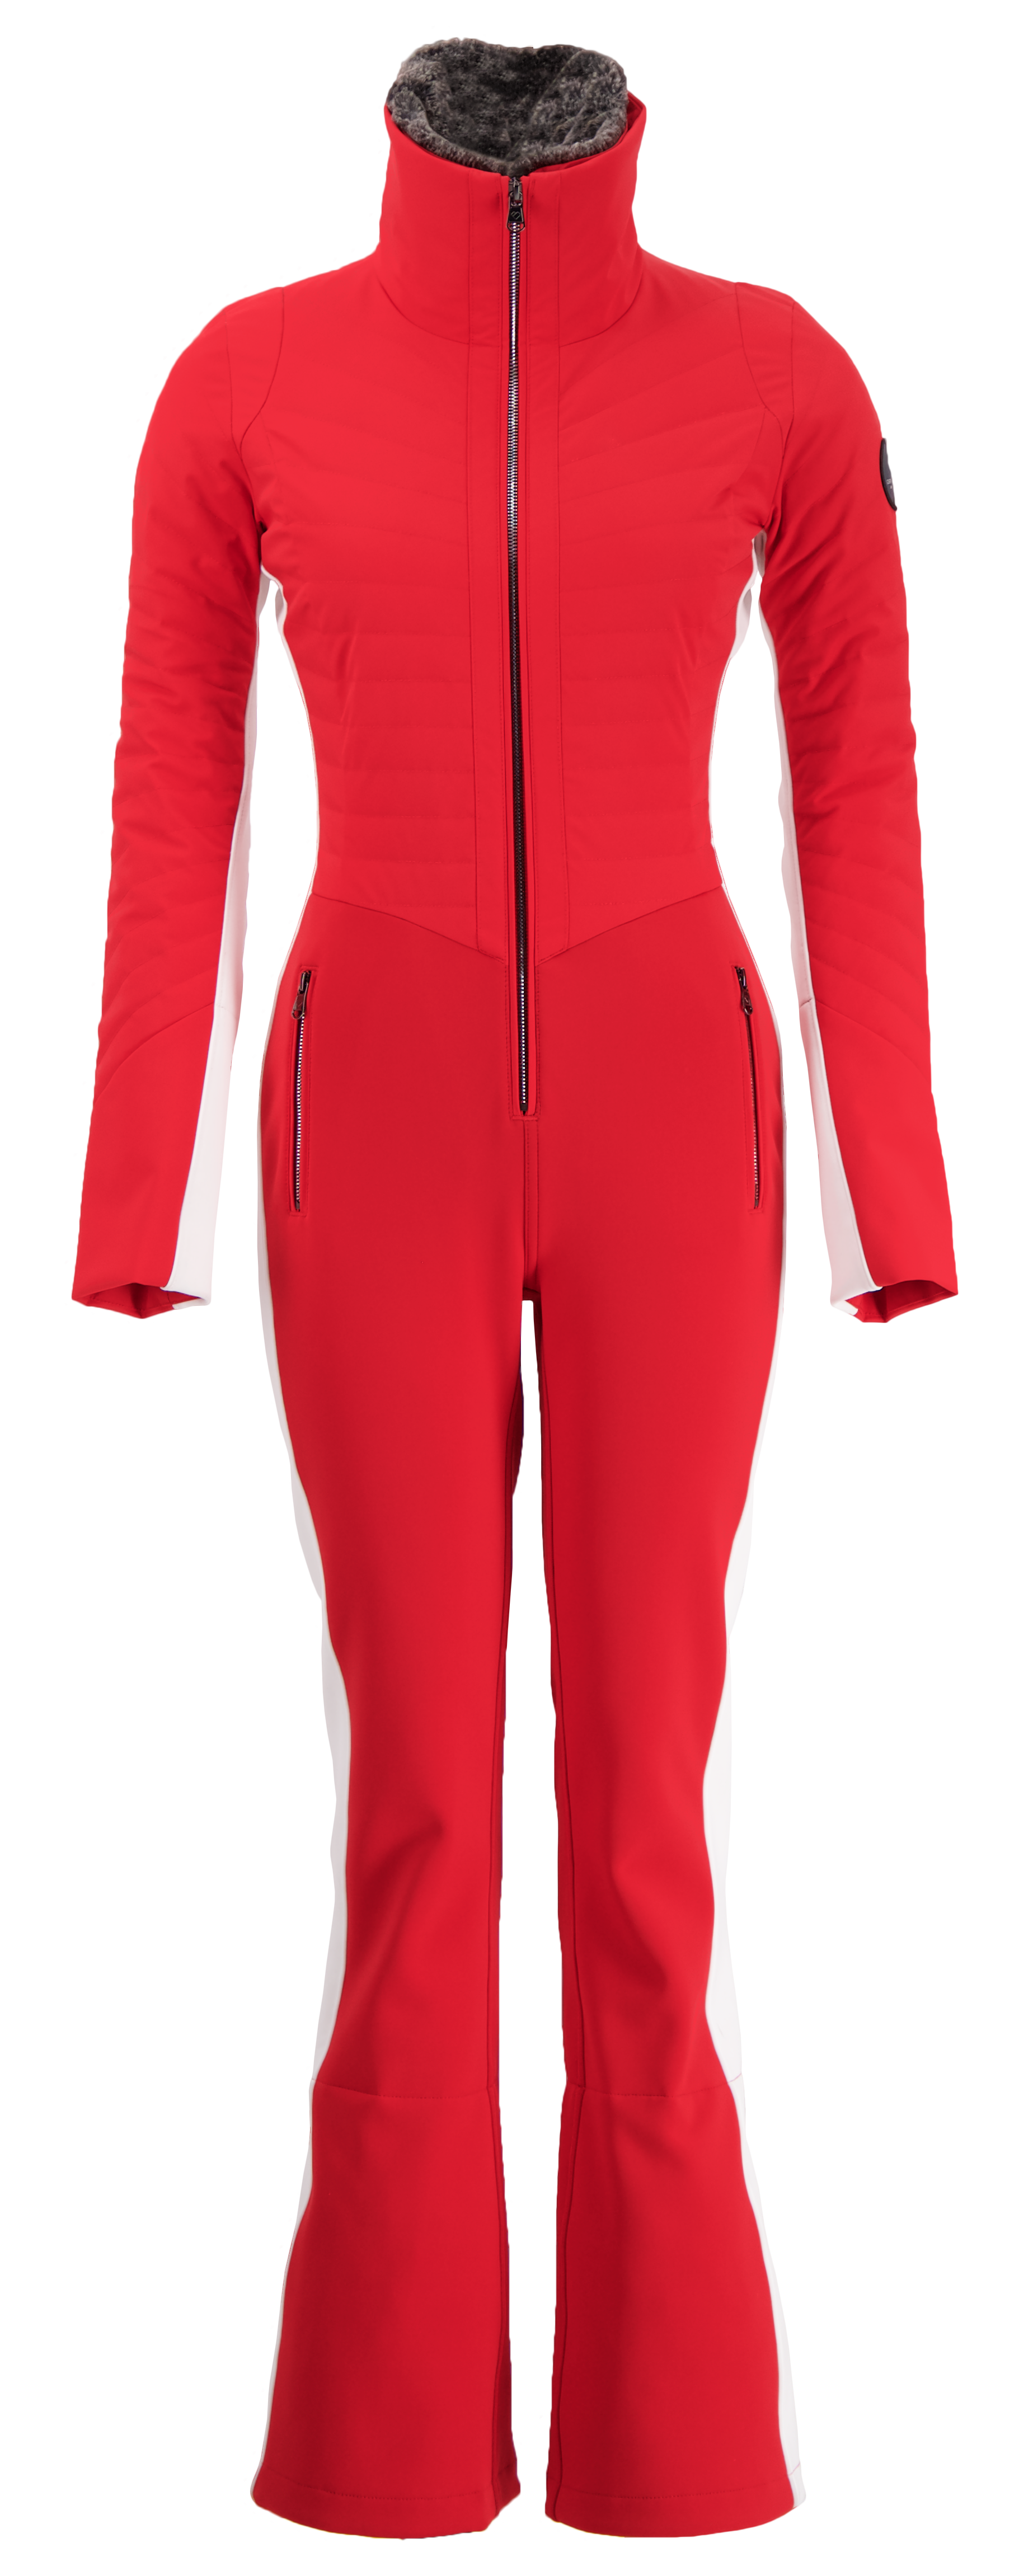 K2 Missy Ski